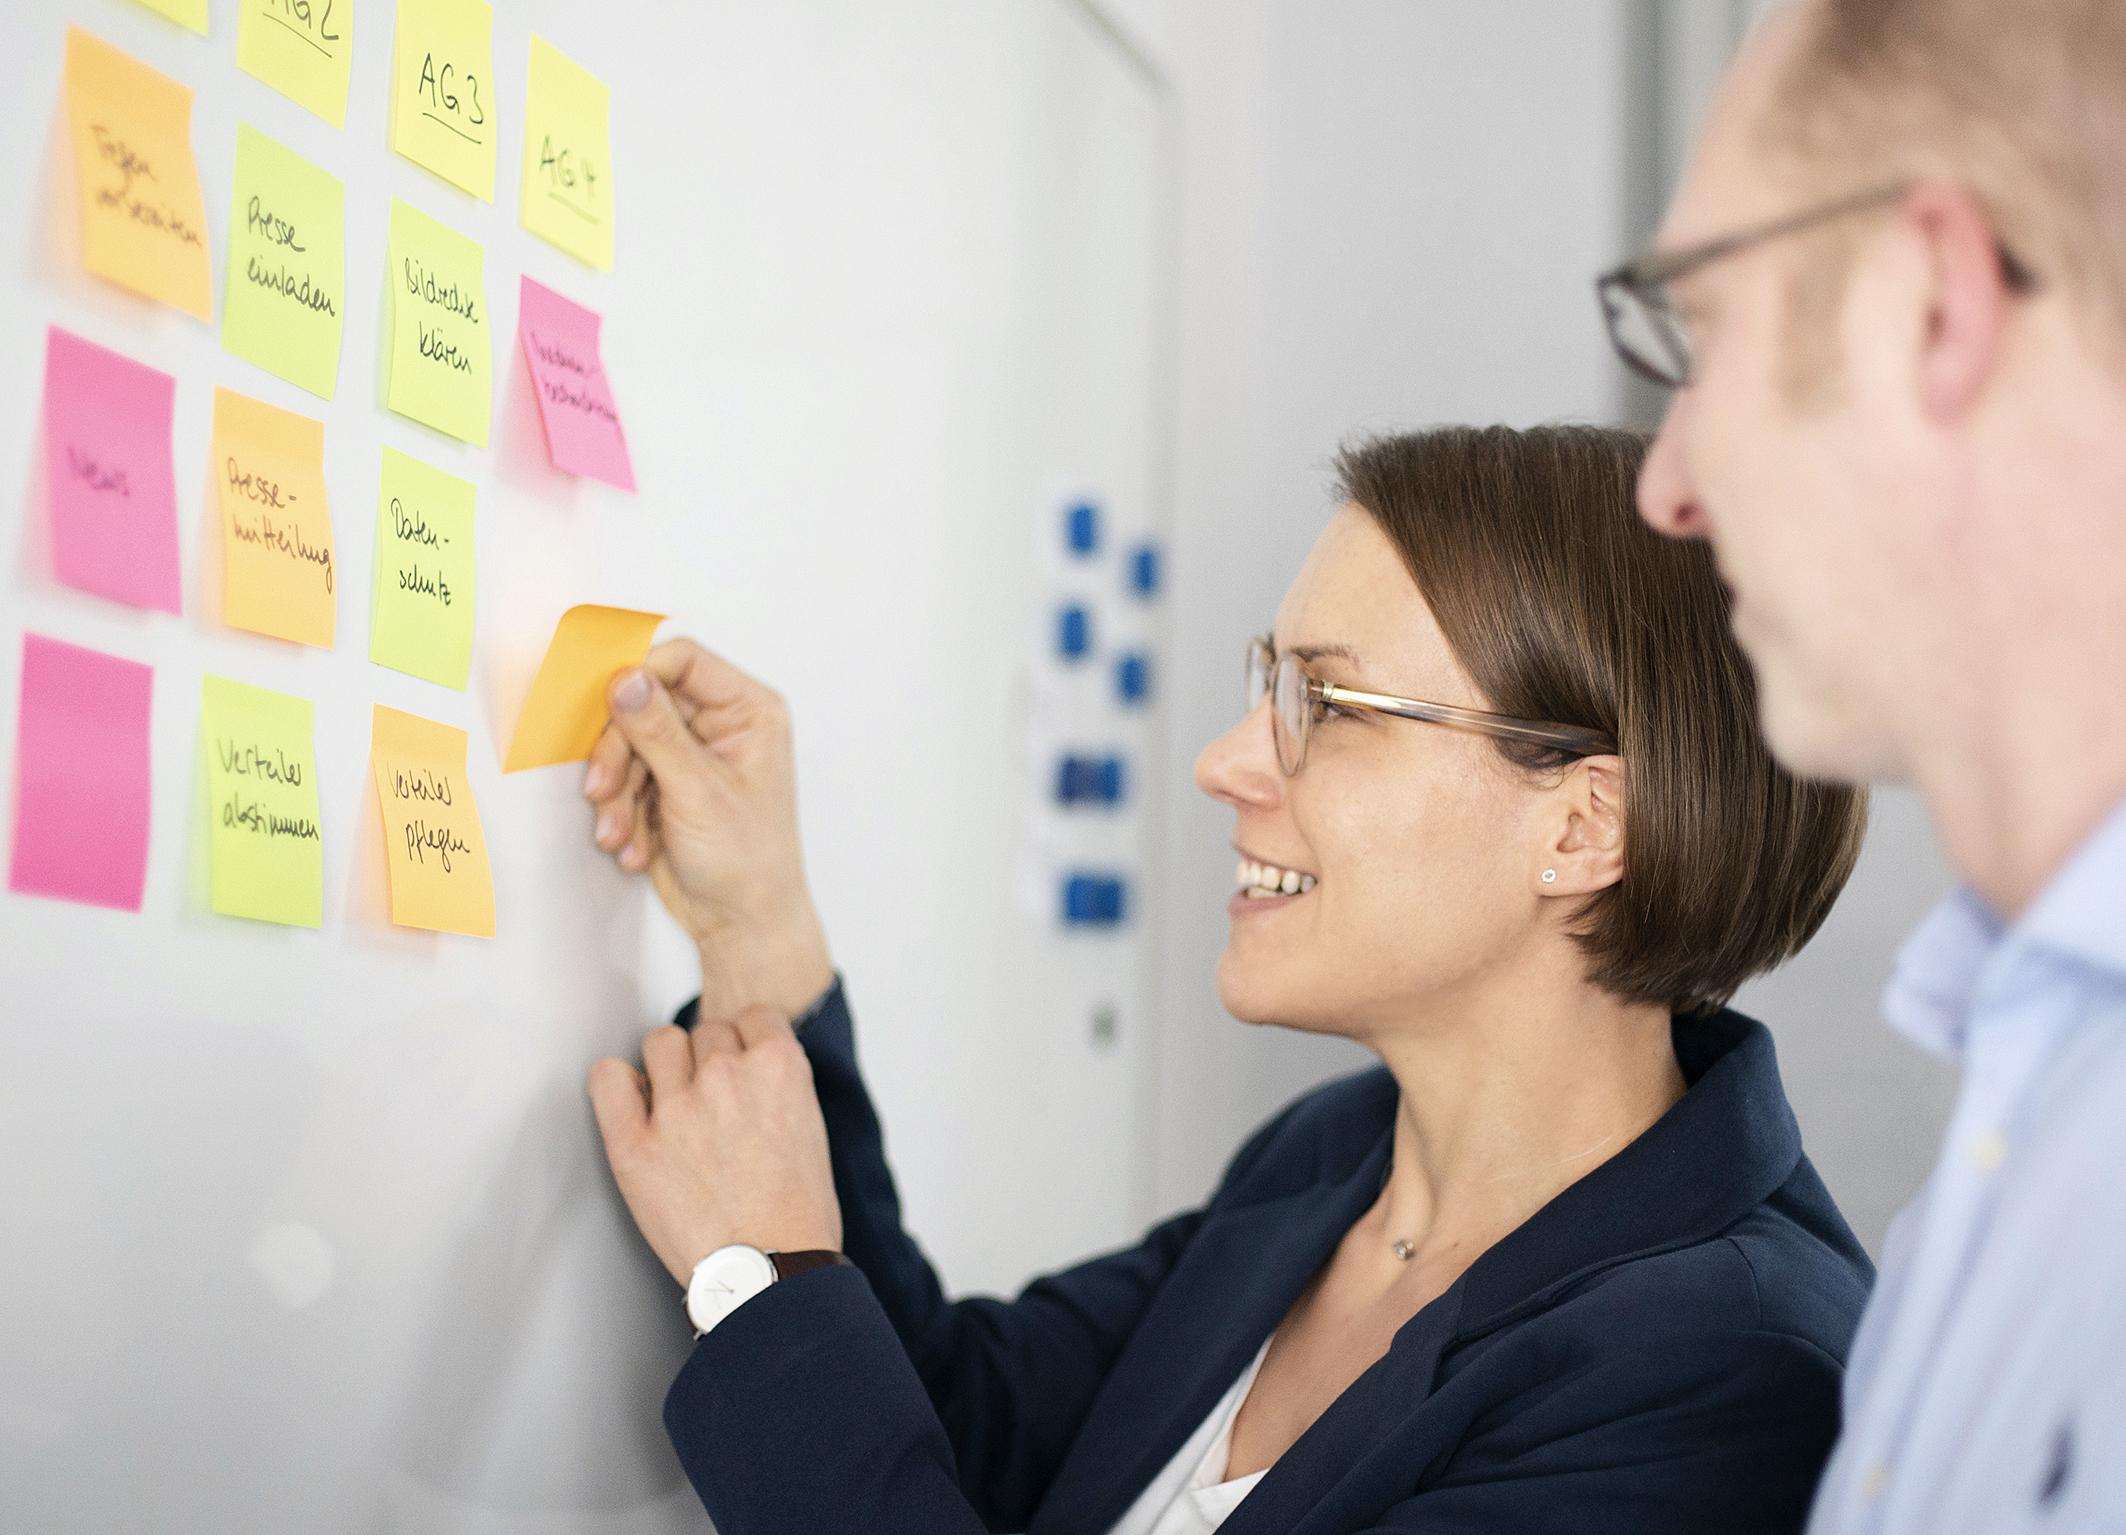 Eine Beraterin und ein Berater stehen am Whiteboard.